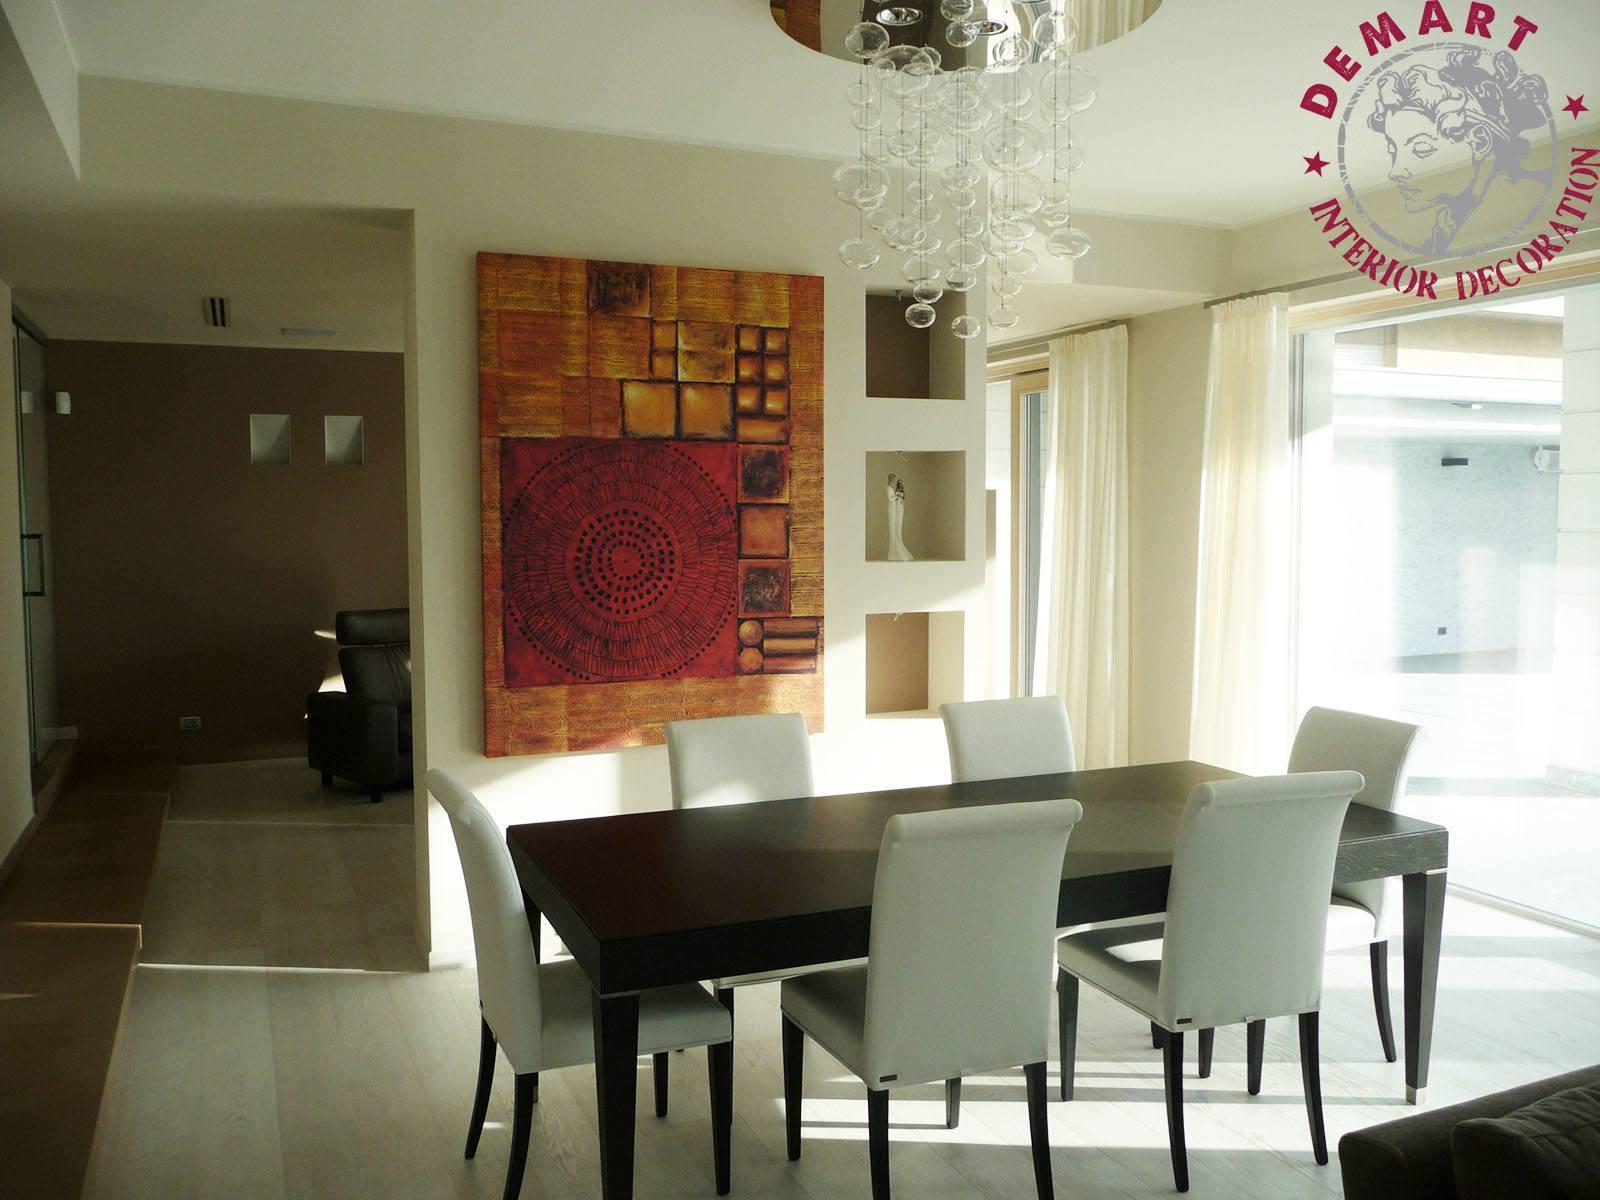 Decorazione interni per villa privata inzago for Decorazione interni